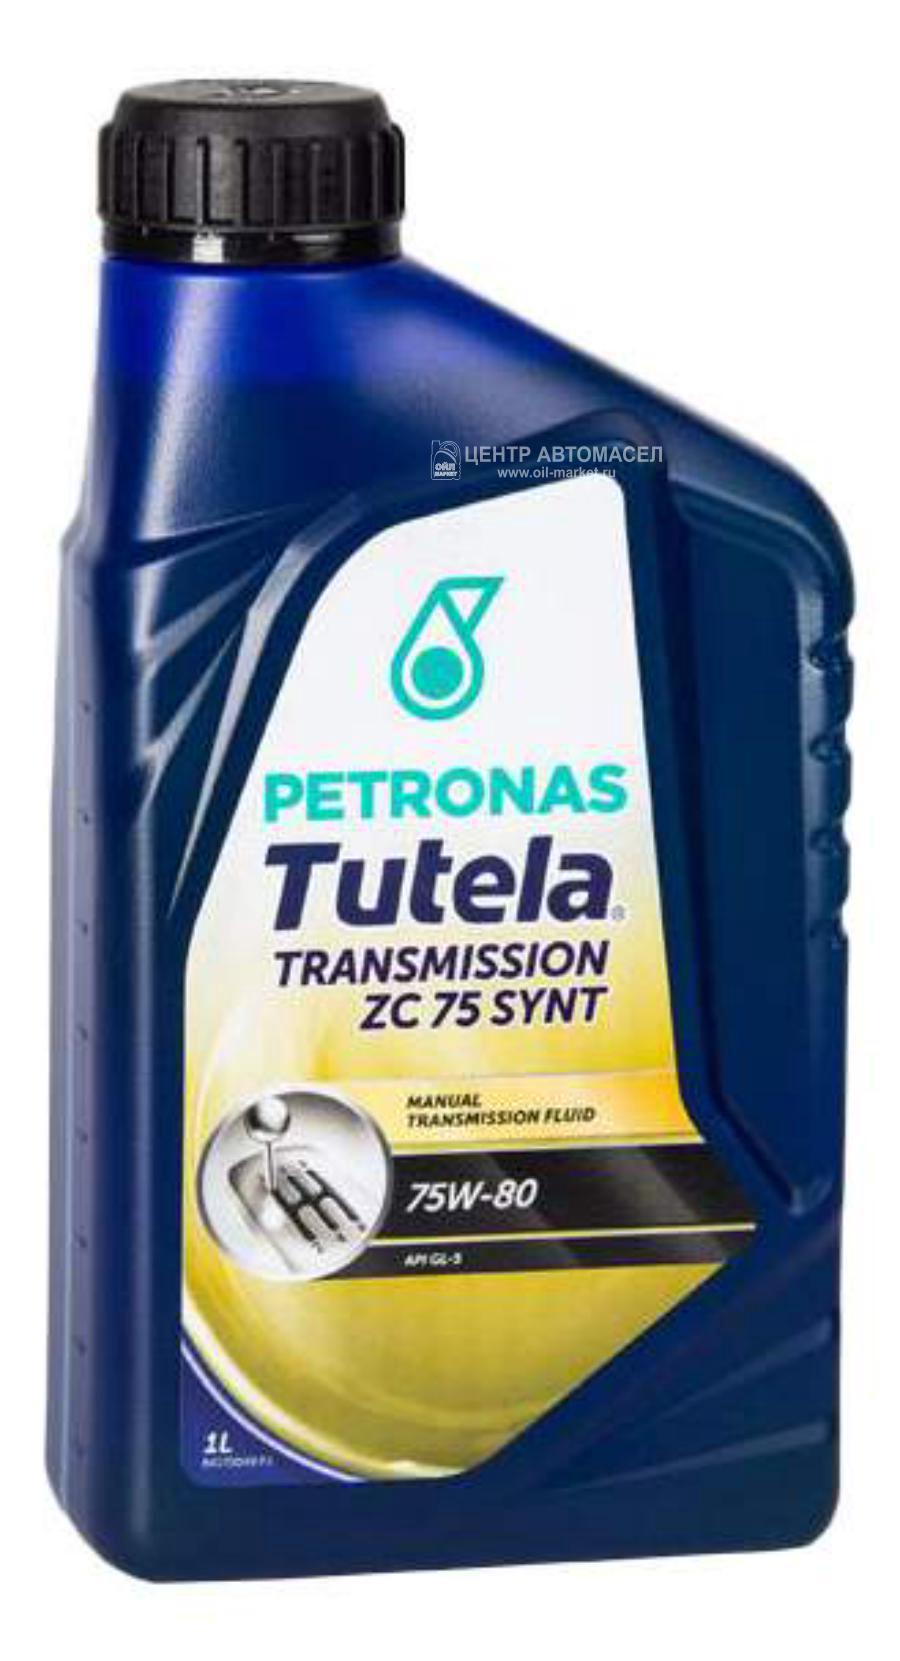 Масло трансмиссионное синтетическое ZC 75 Synth 75W-80, 1л